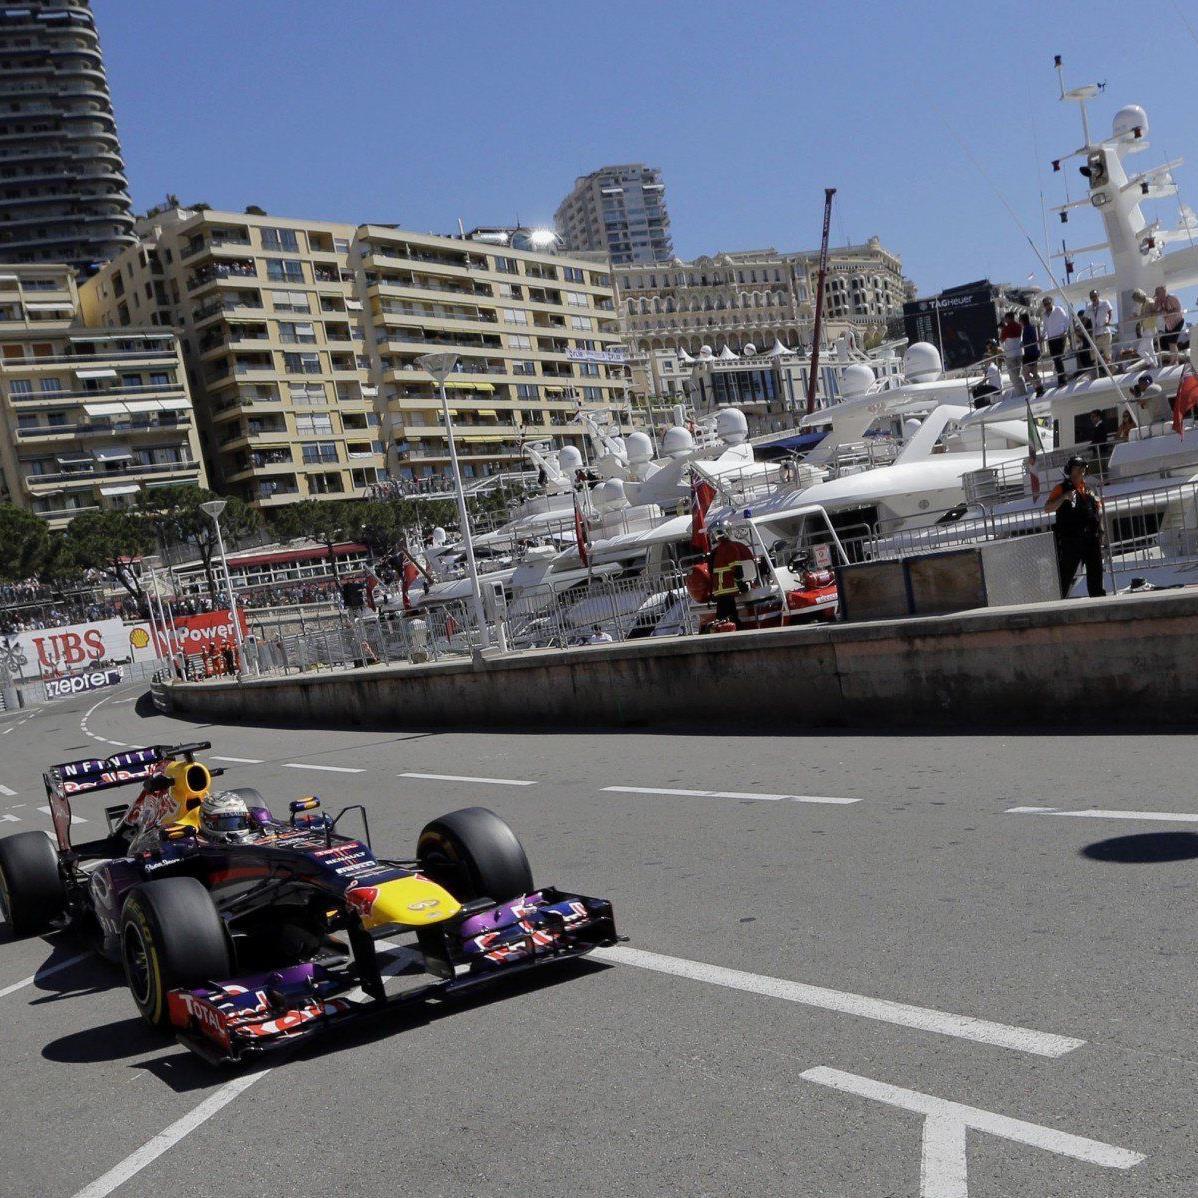 Der Rennkalender der Formel 1 umfasst auch 2014 wieder 19 Rennen.